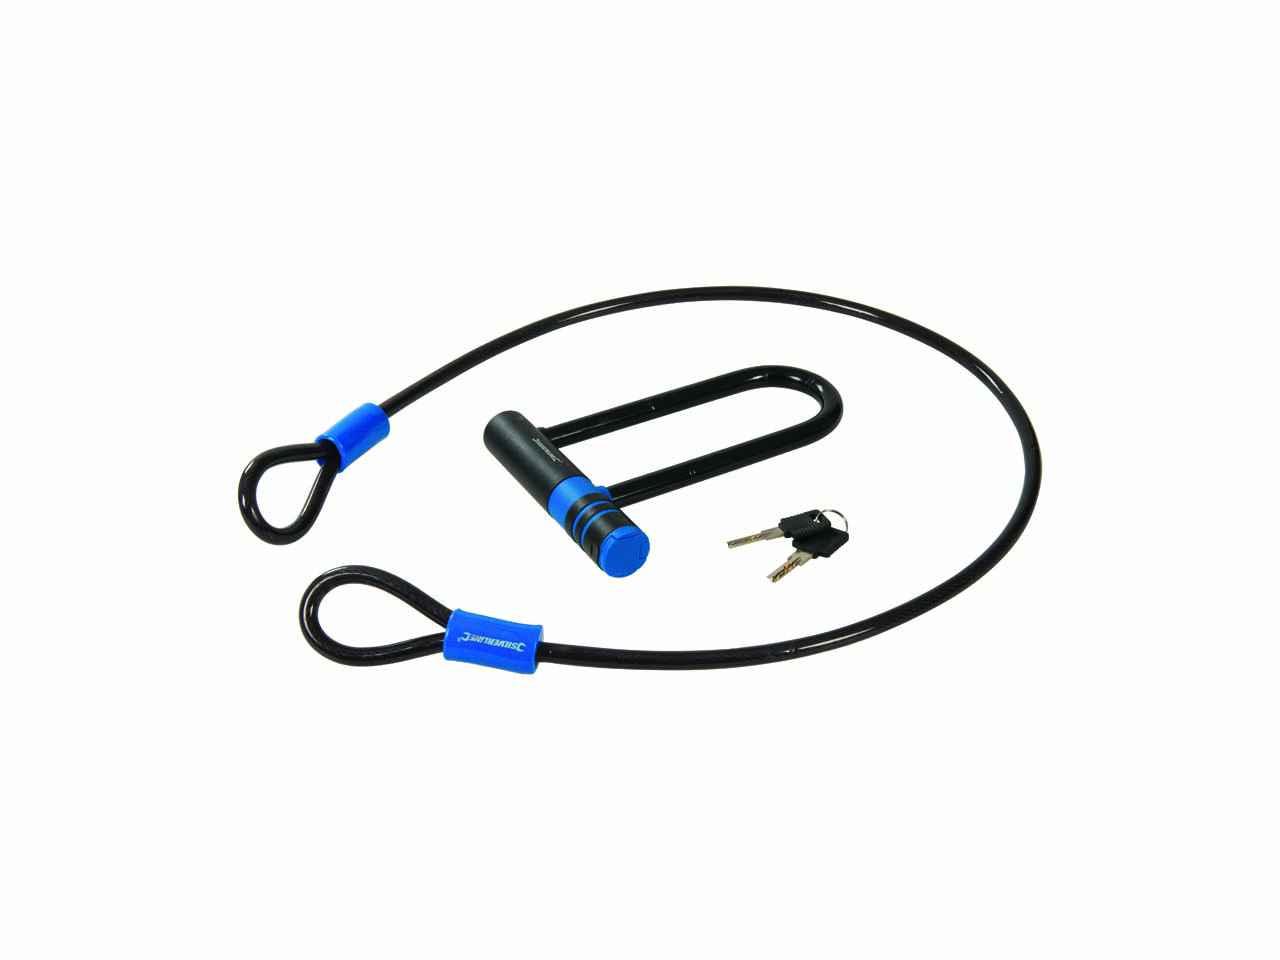 Silverline U-Lock /& Cable Set 145 x 210 mm//10 x 1200 mm 712996